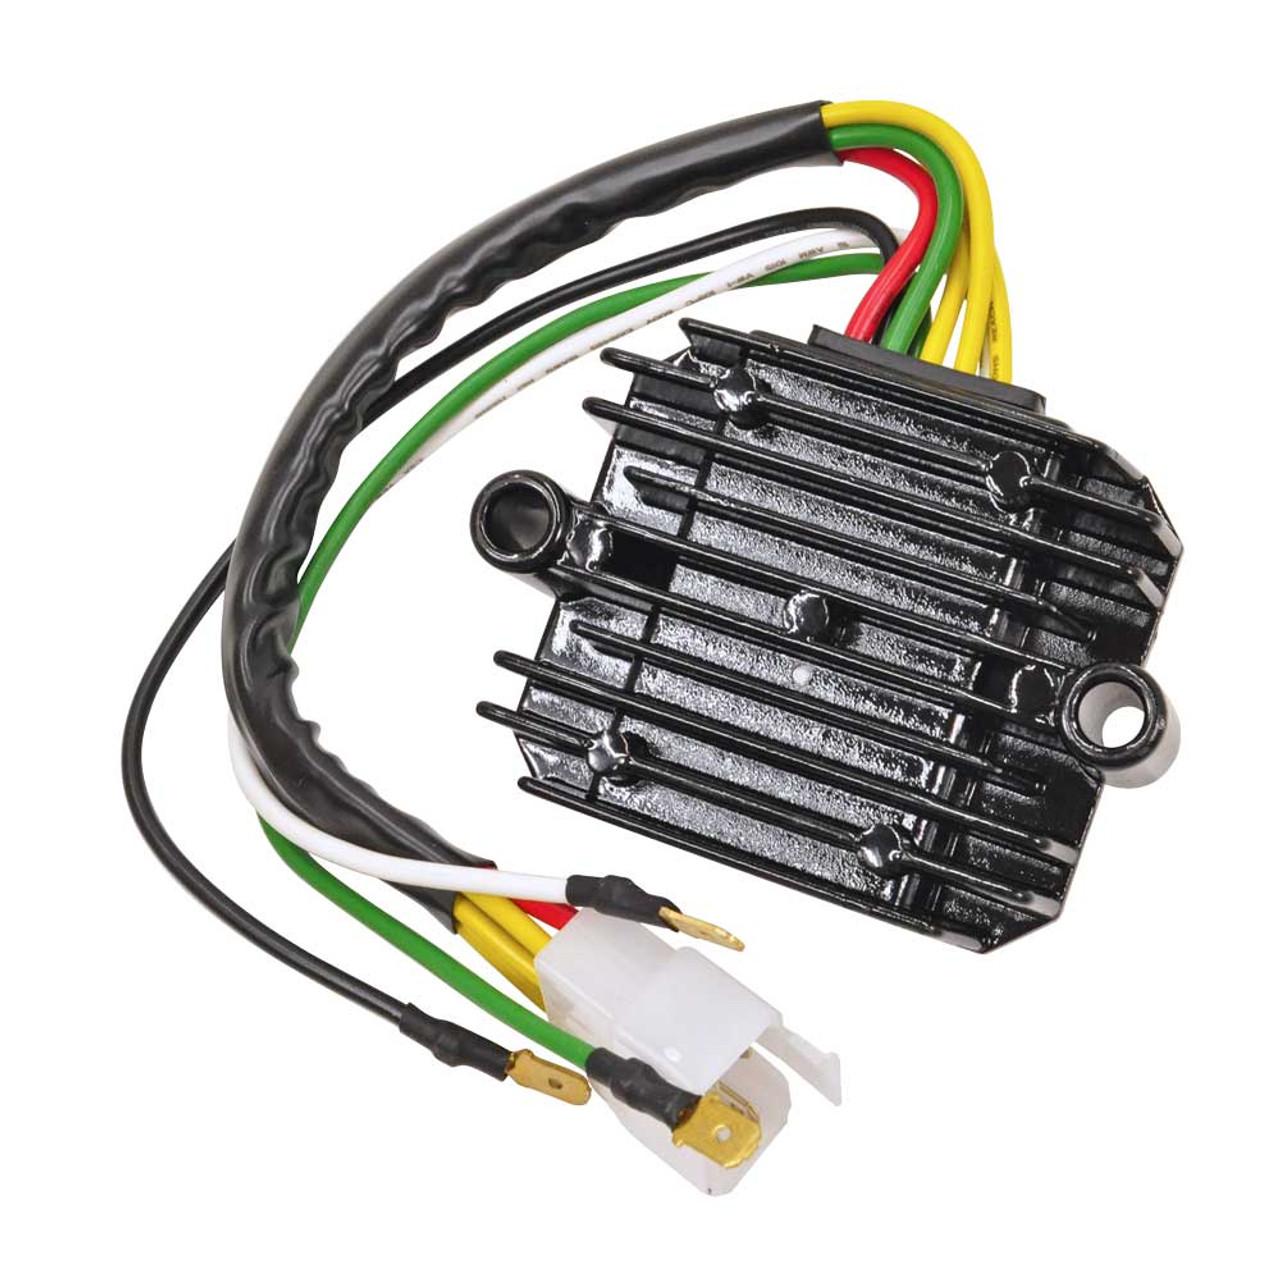 rick s motorsport electrics lithium ion battery compatible regulator rectifier 14 100 main image [ 1280 x 1280 Pixel ]